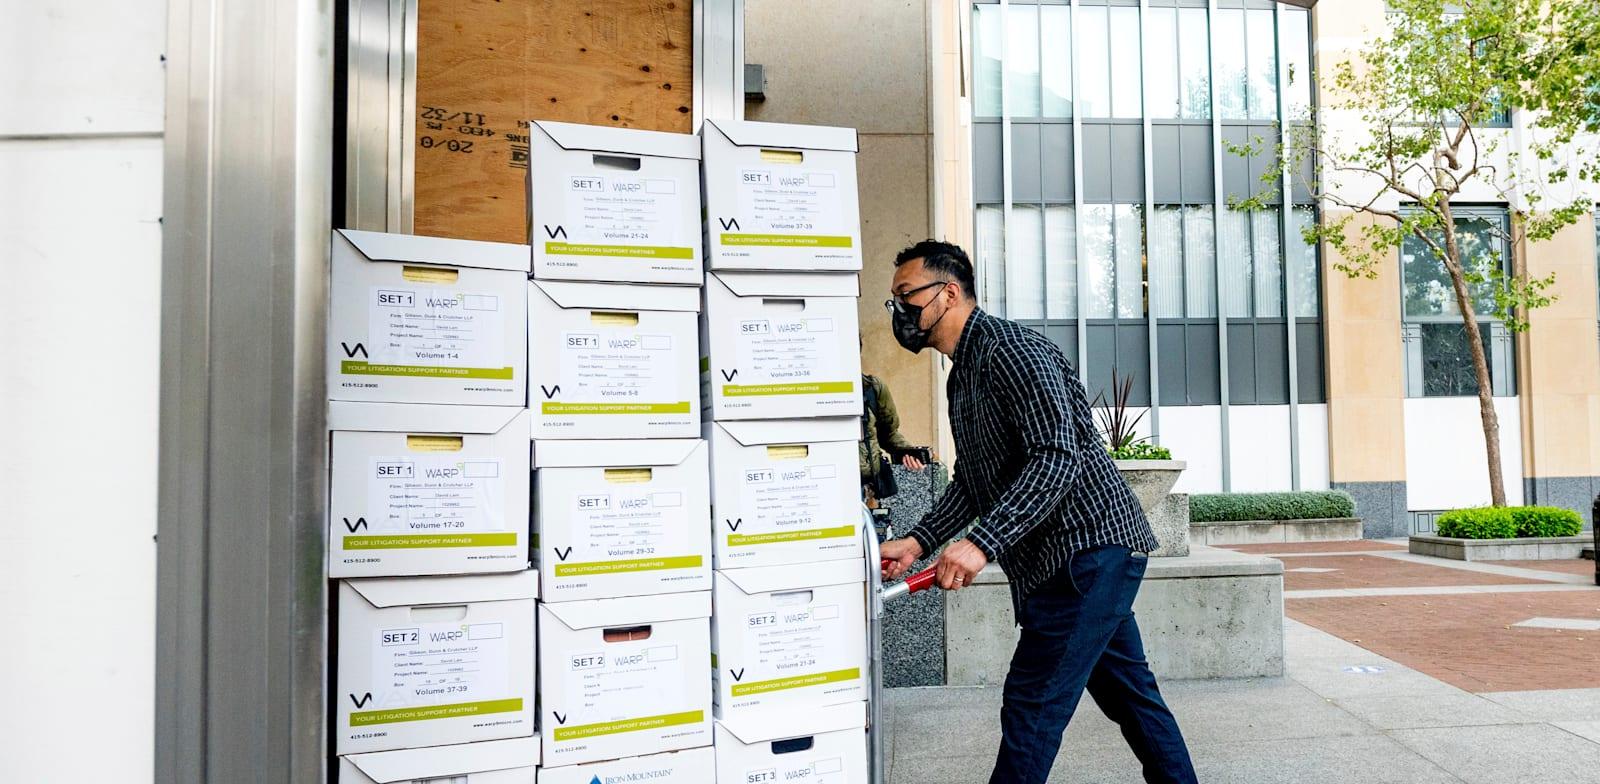 חבר בצוות עורכי הדין של אפל מוביל מסמכים לדיון בבית המשפט / צילום: Associated Press, Noah Berger